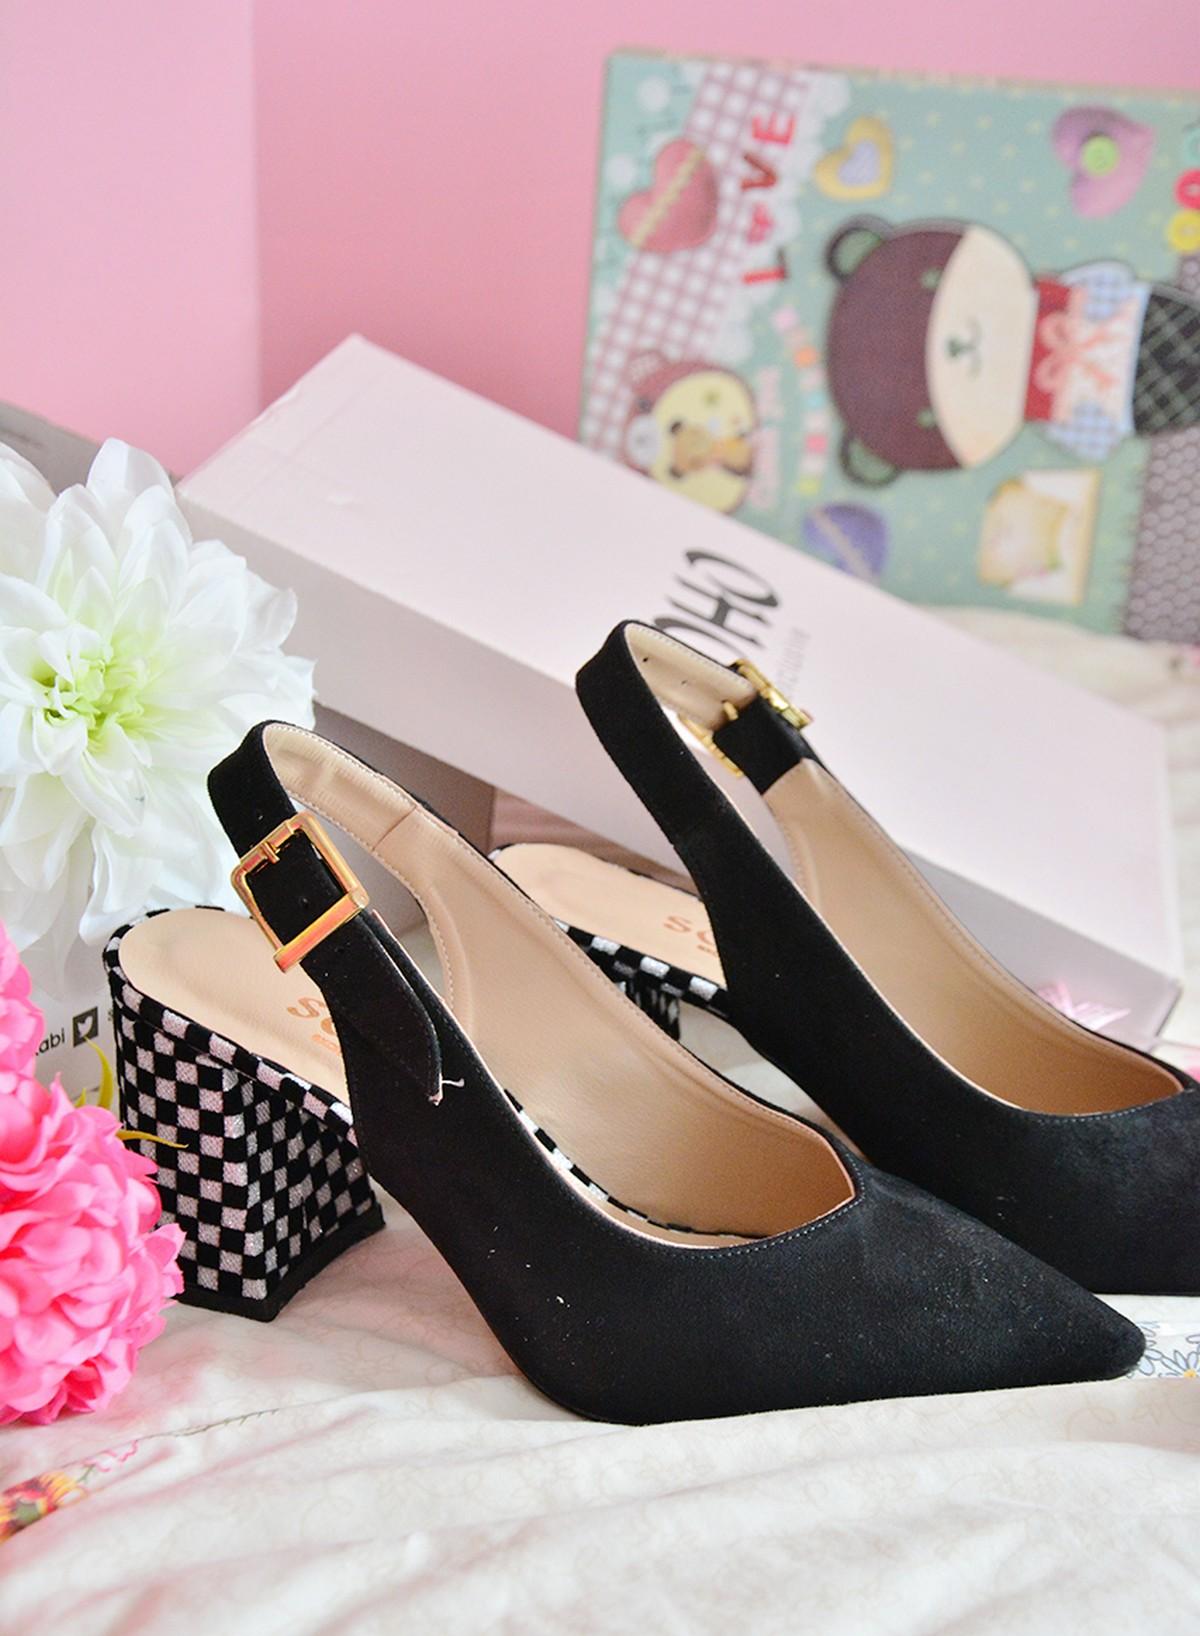 Soho Ayakkabı Markası Nasıl?